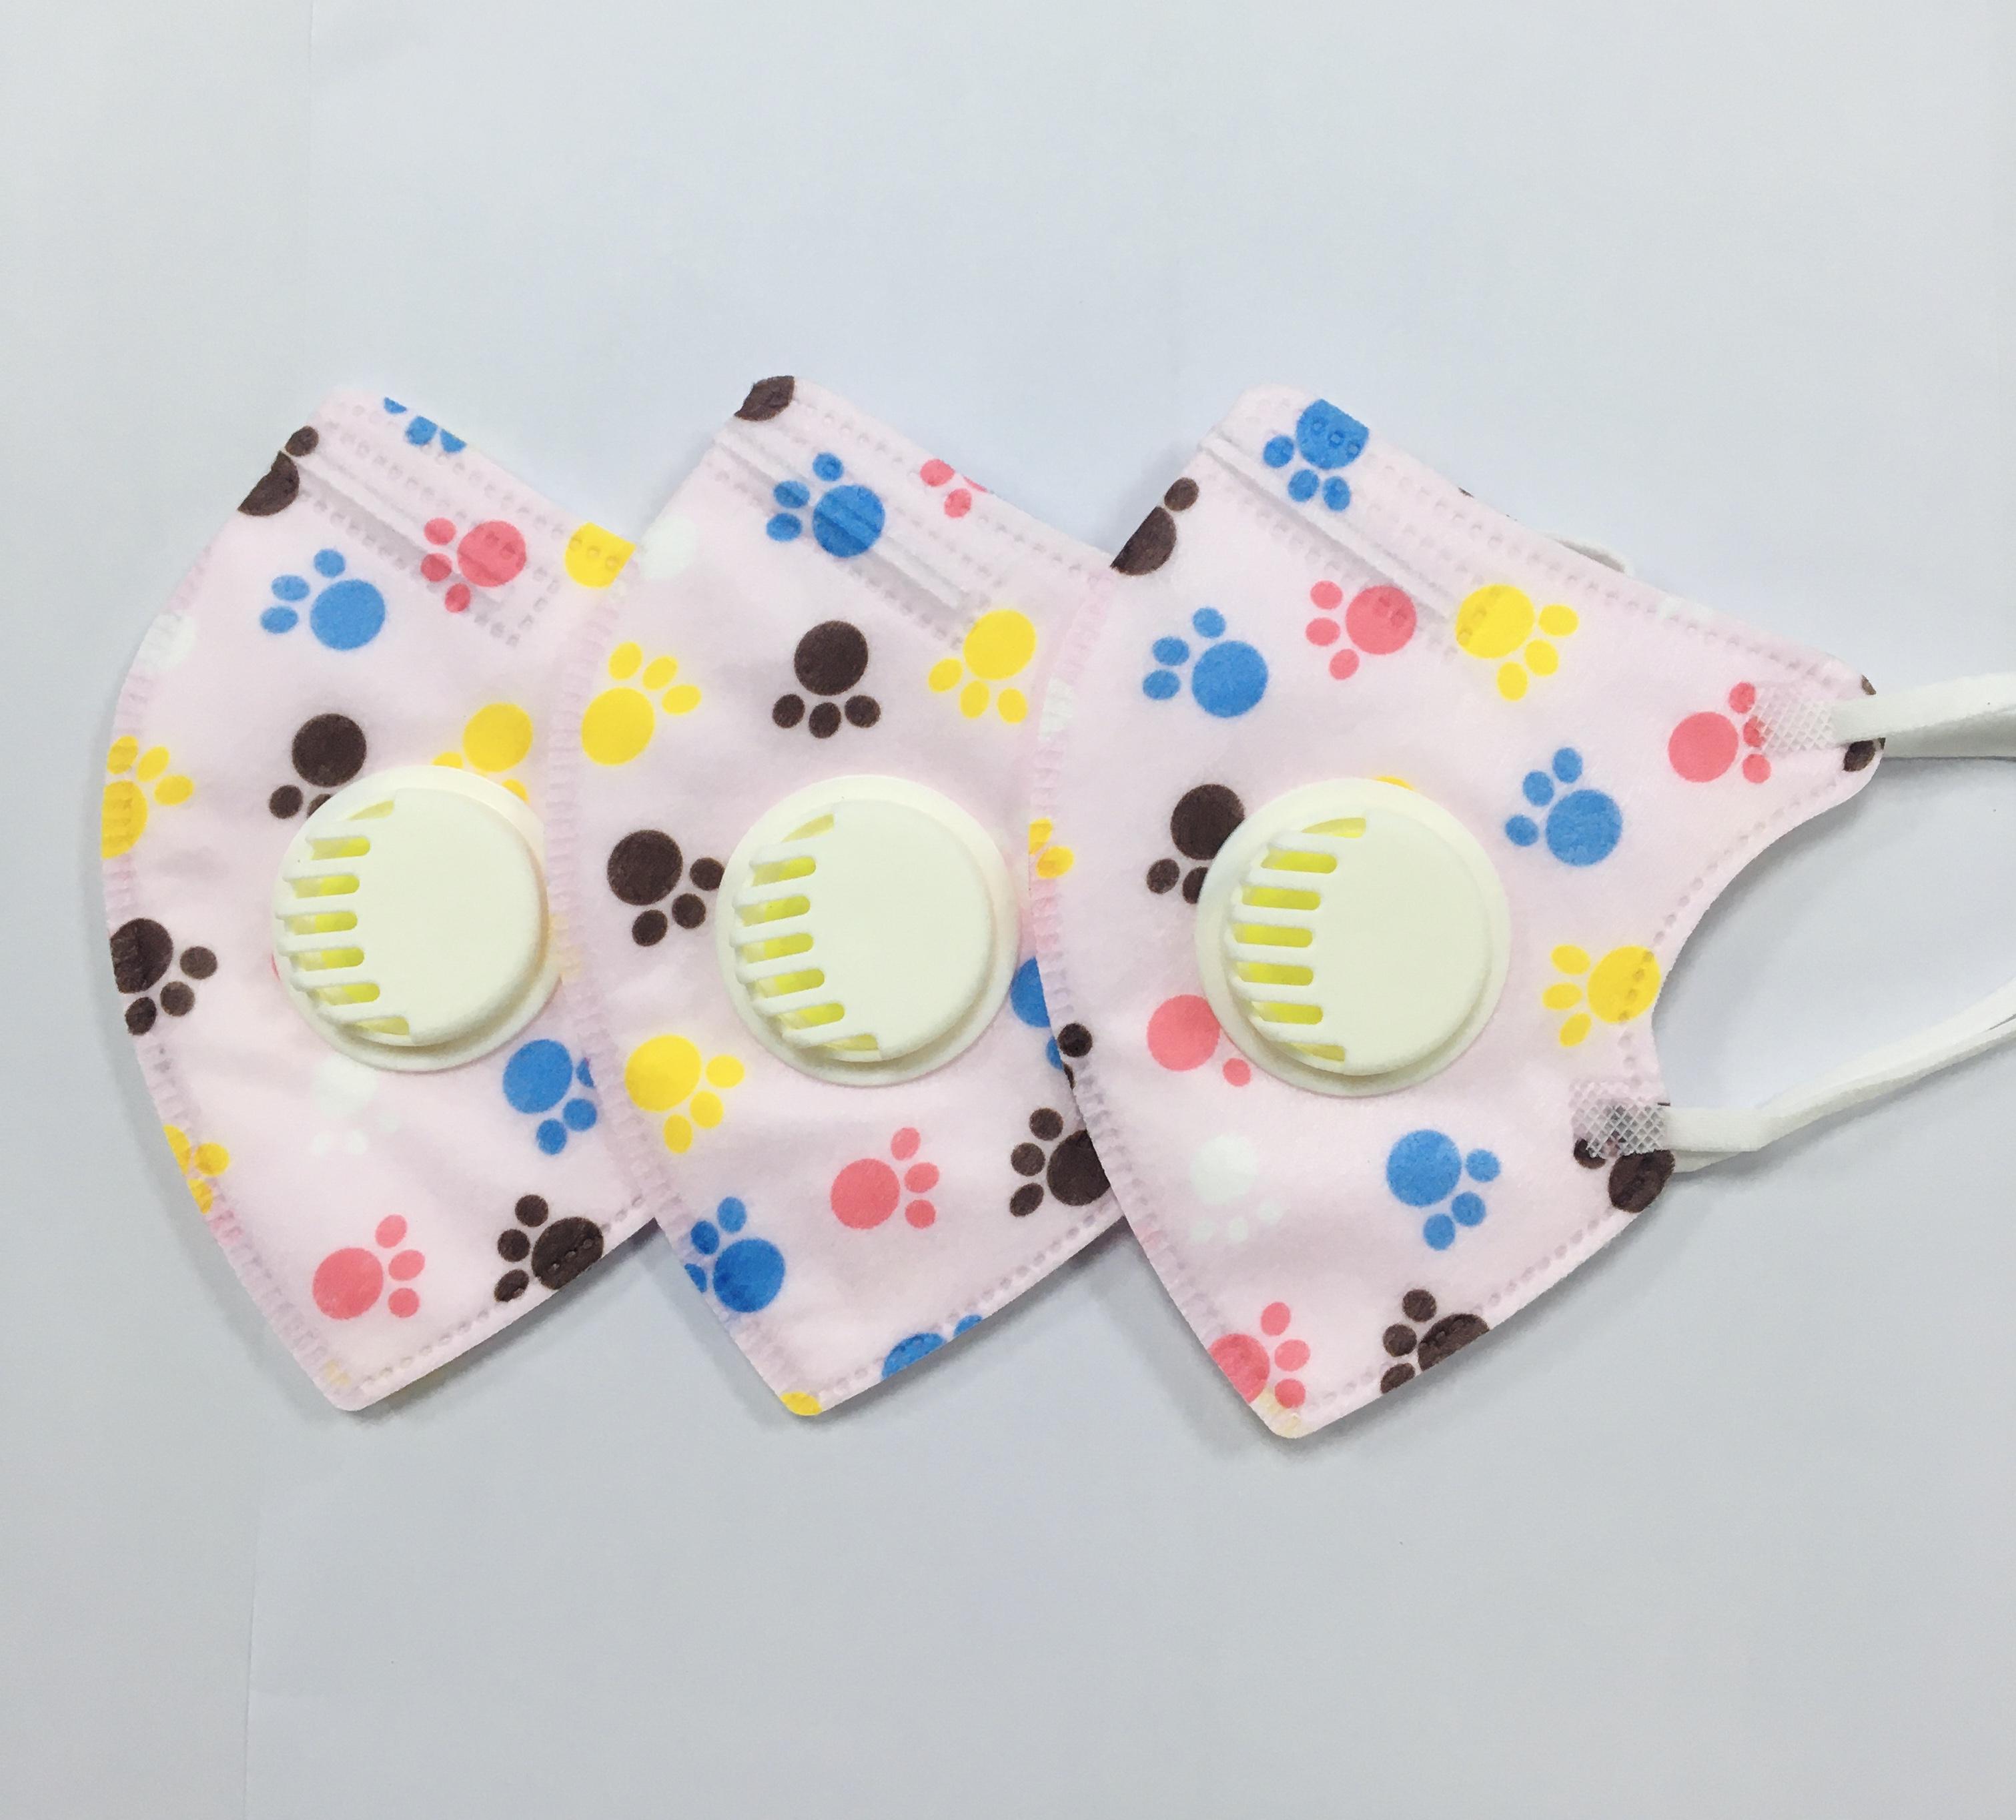 小动物脚印图案 KN95儿童口罩 可爱时尚